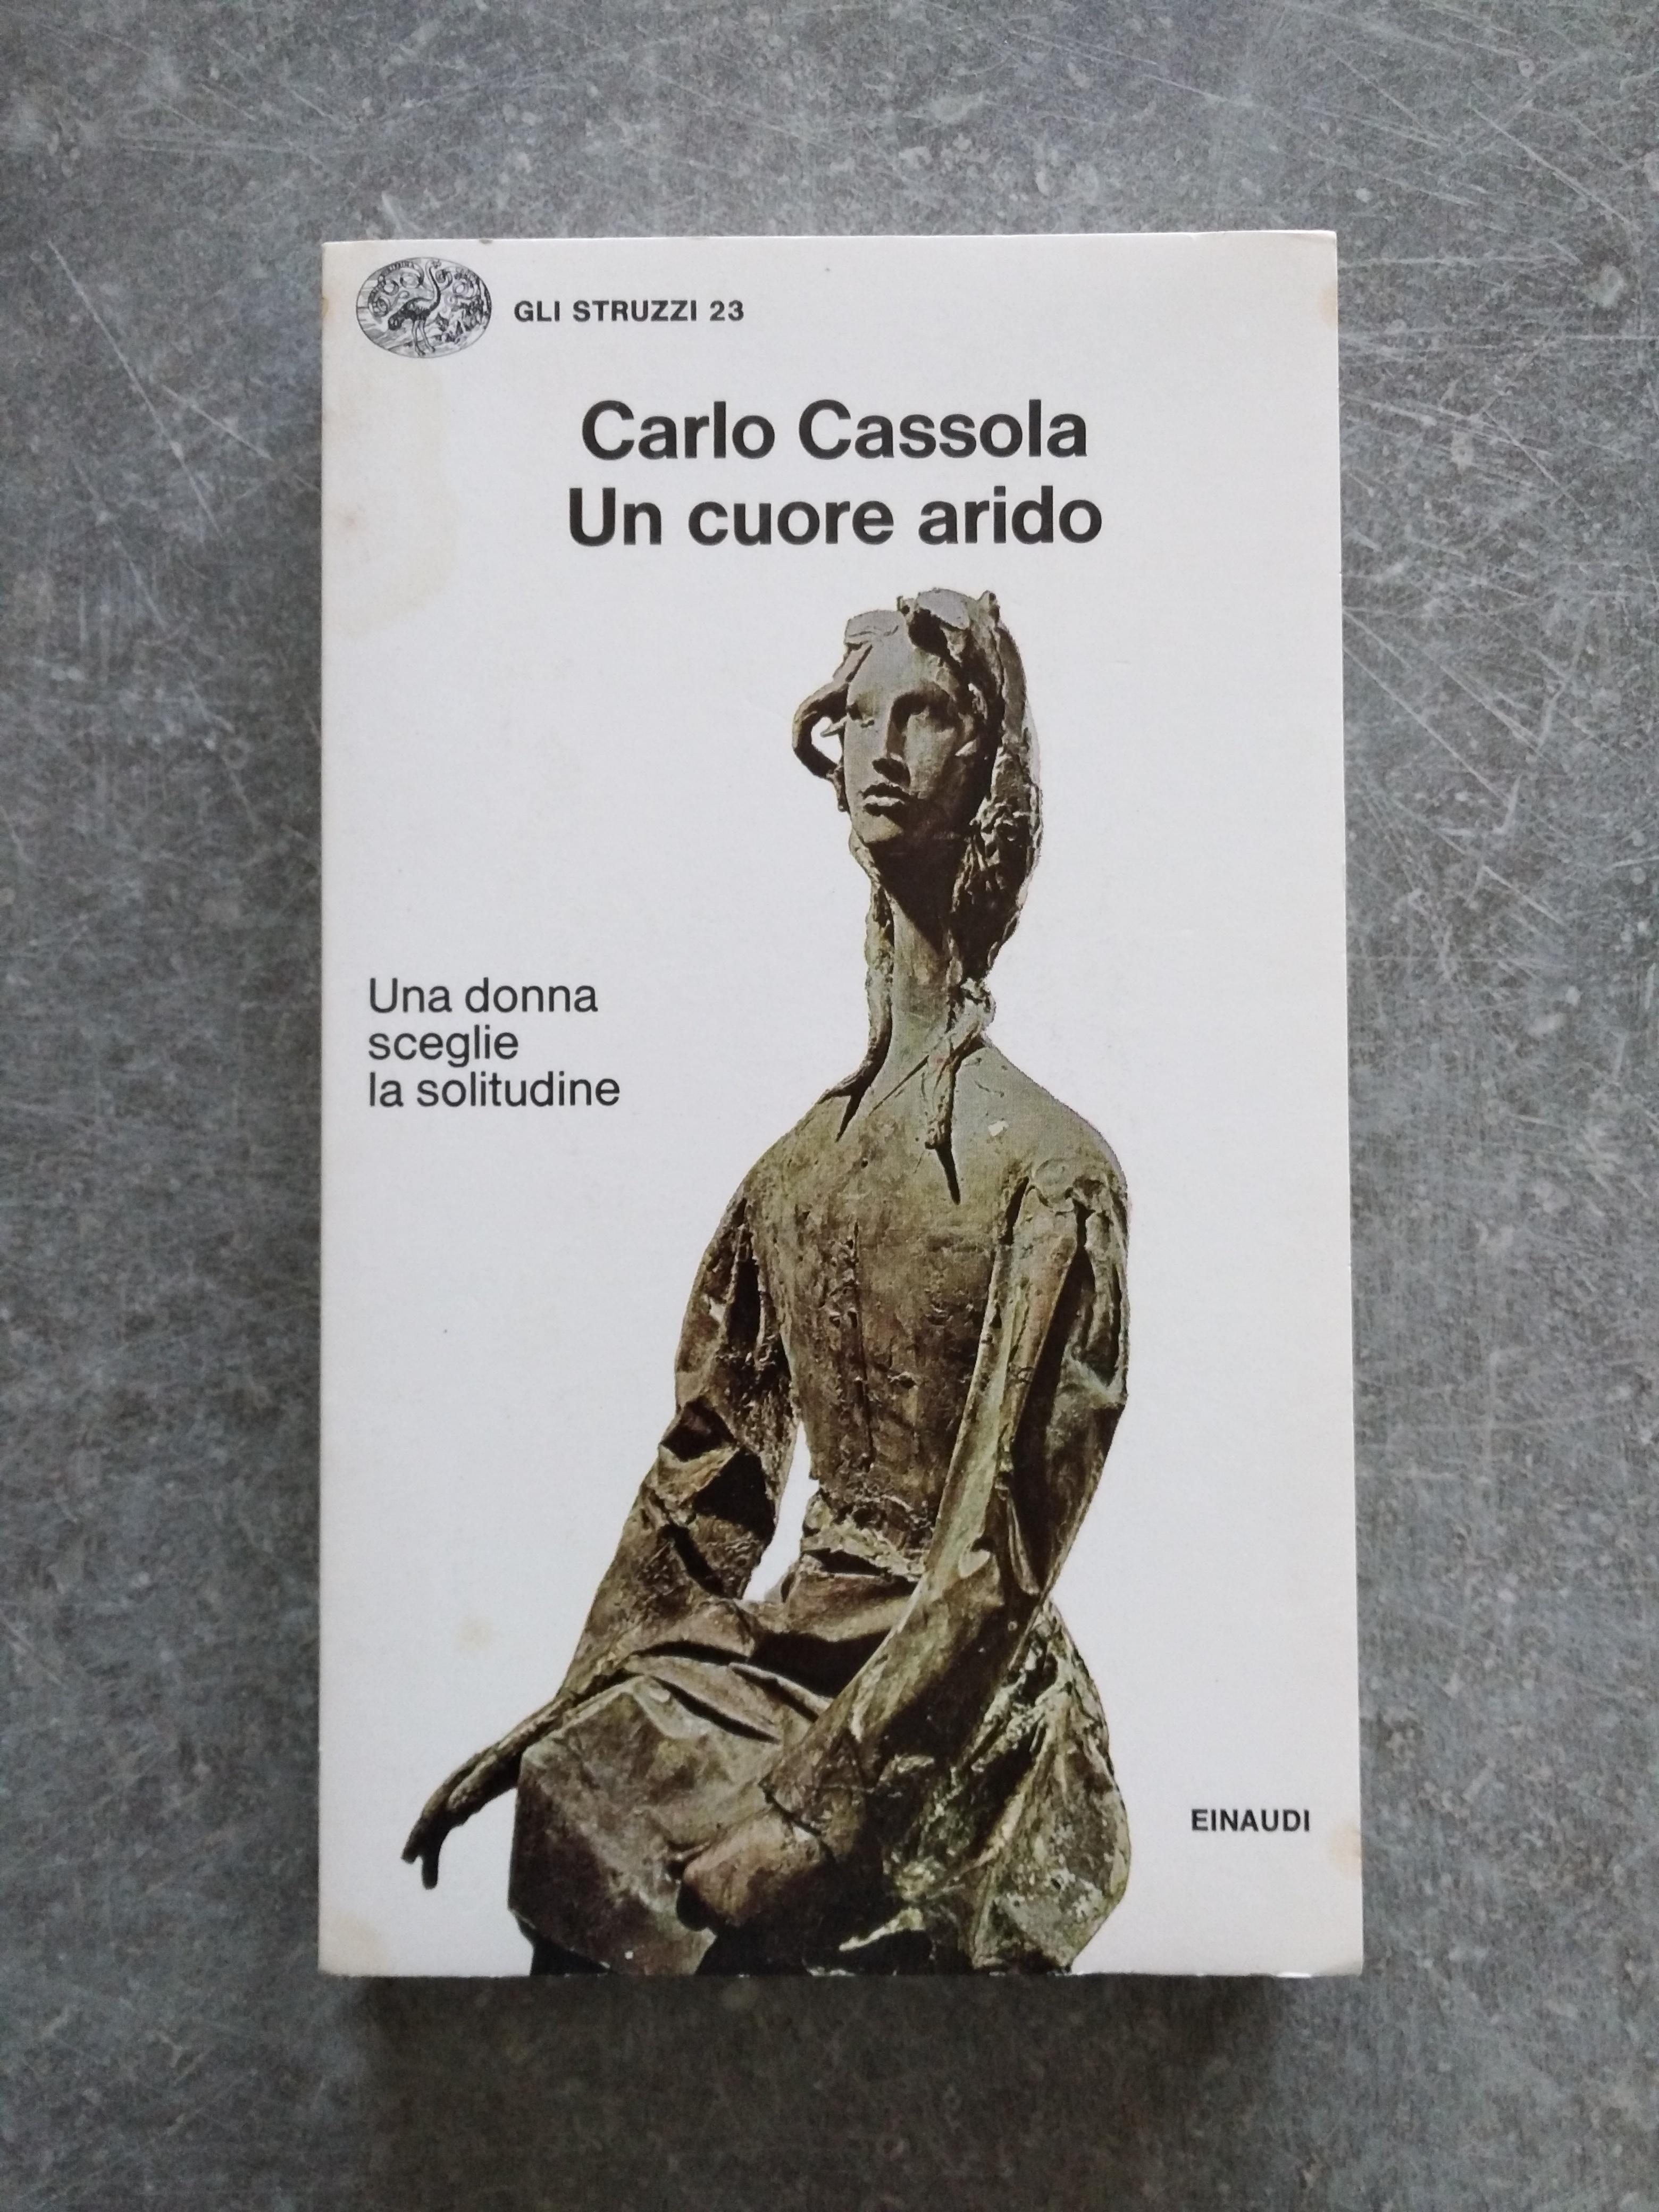 troc de troc livre un cuore arido en langue italienne de carlo cassola image 0